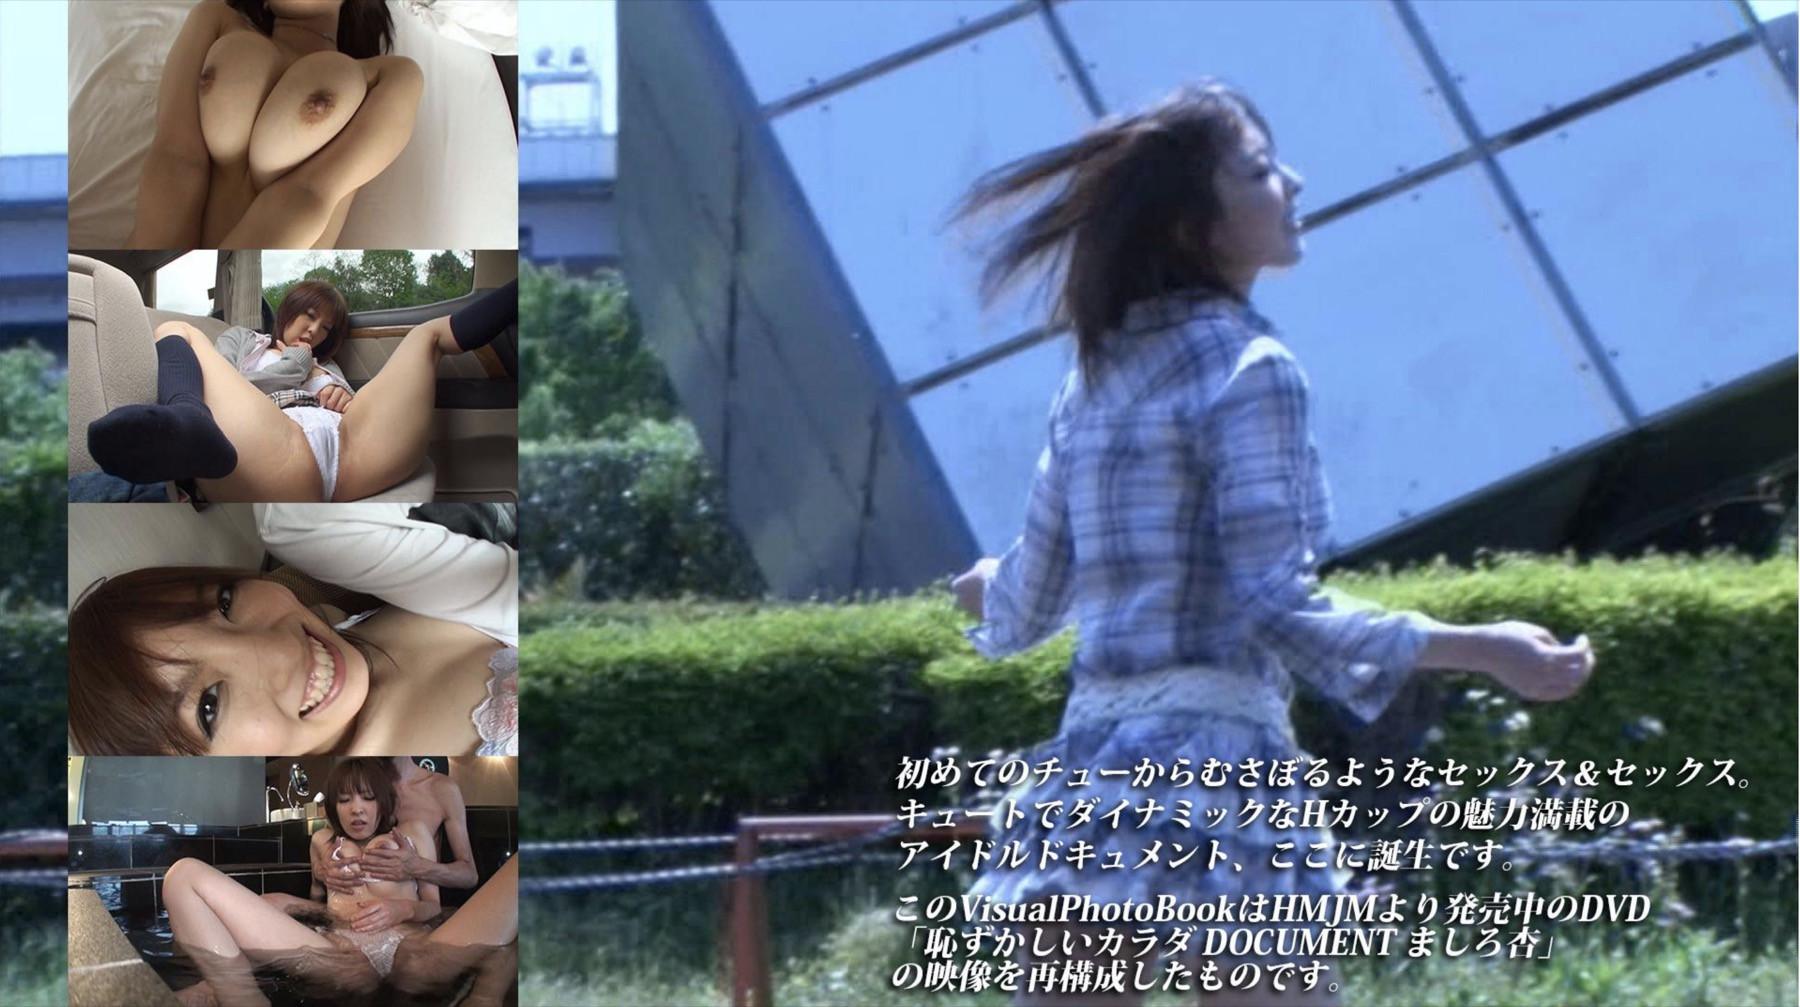 Visual Photo Book 037 DOCUMENT ましろ杏 セクシーでカッコイイヌード写真集 002